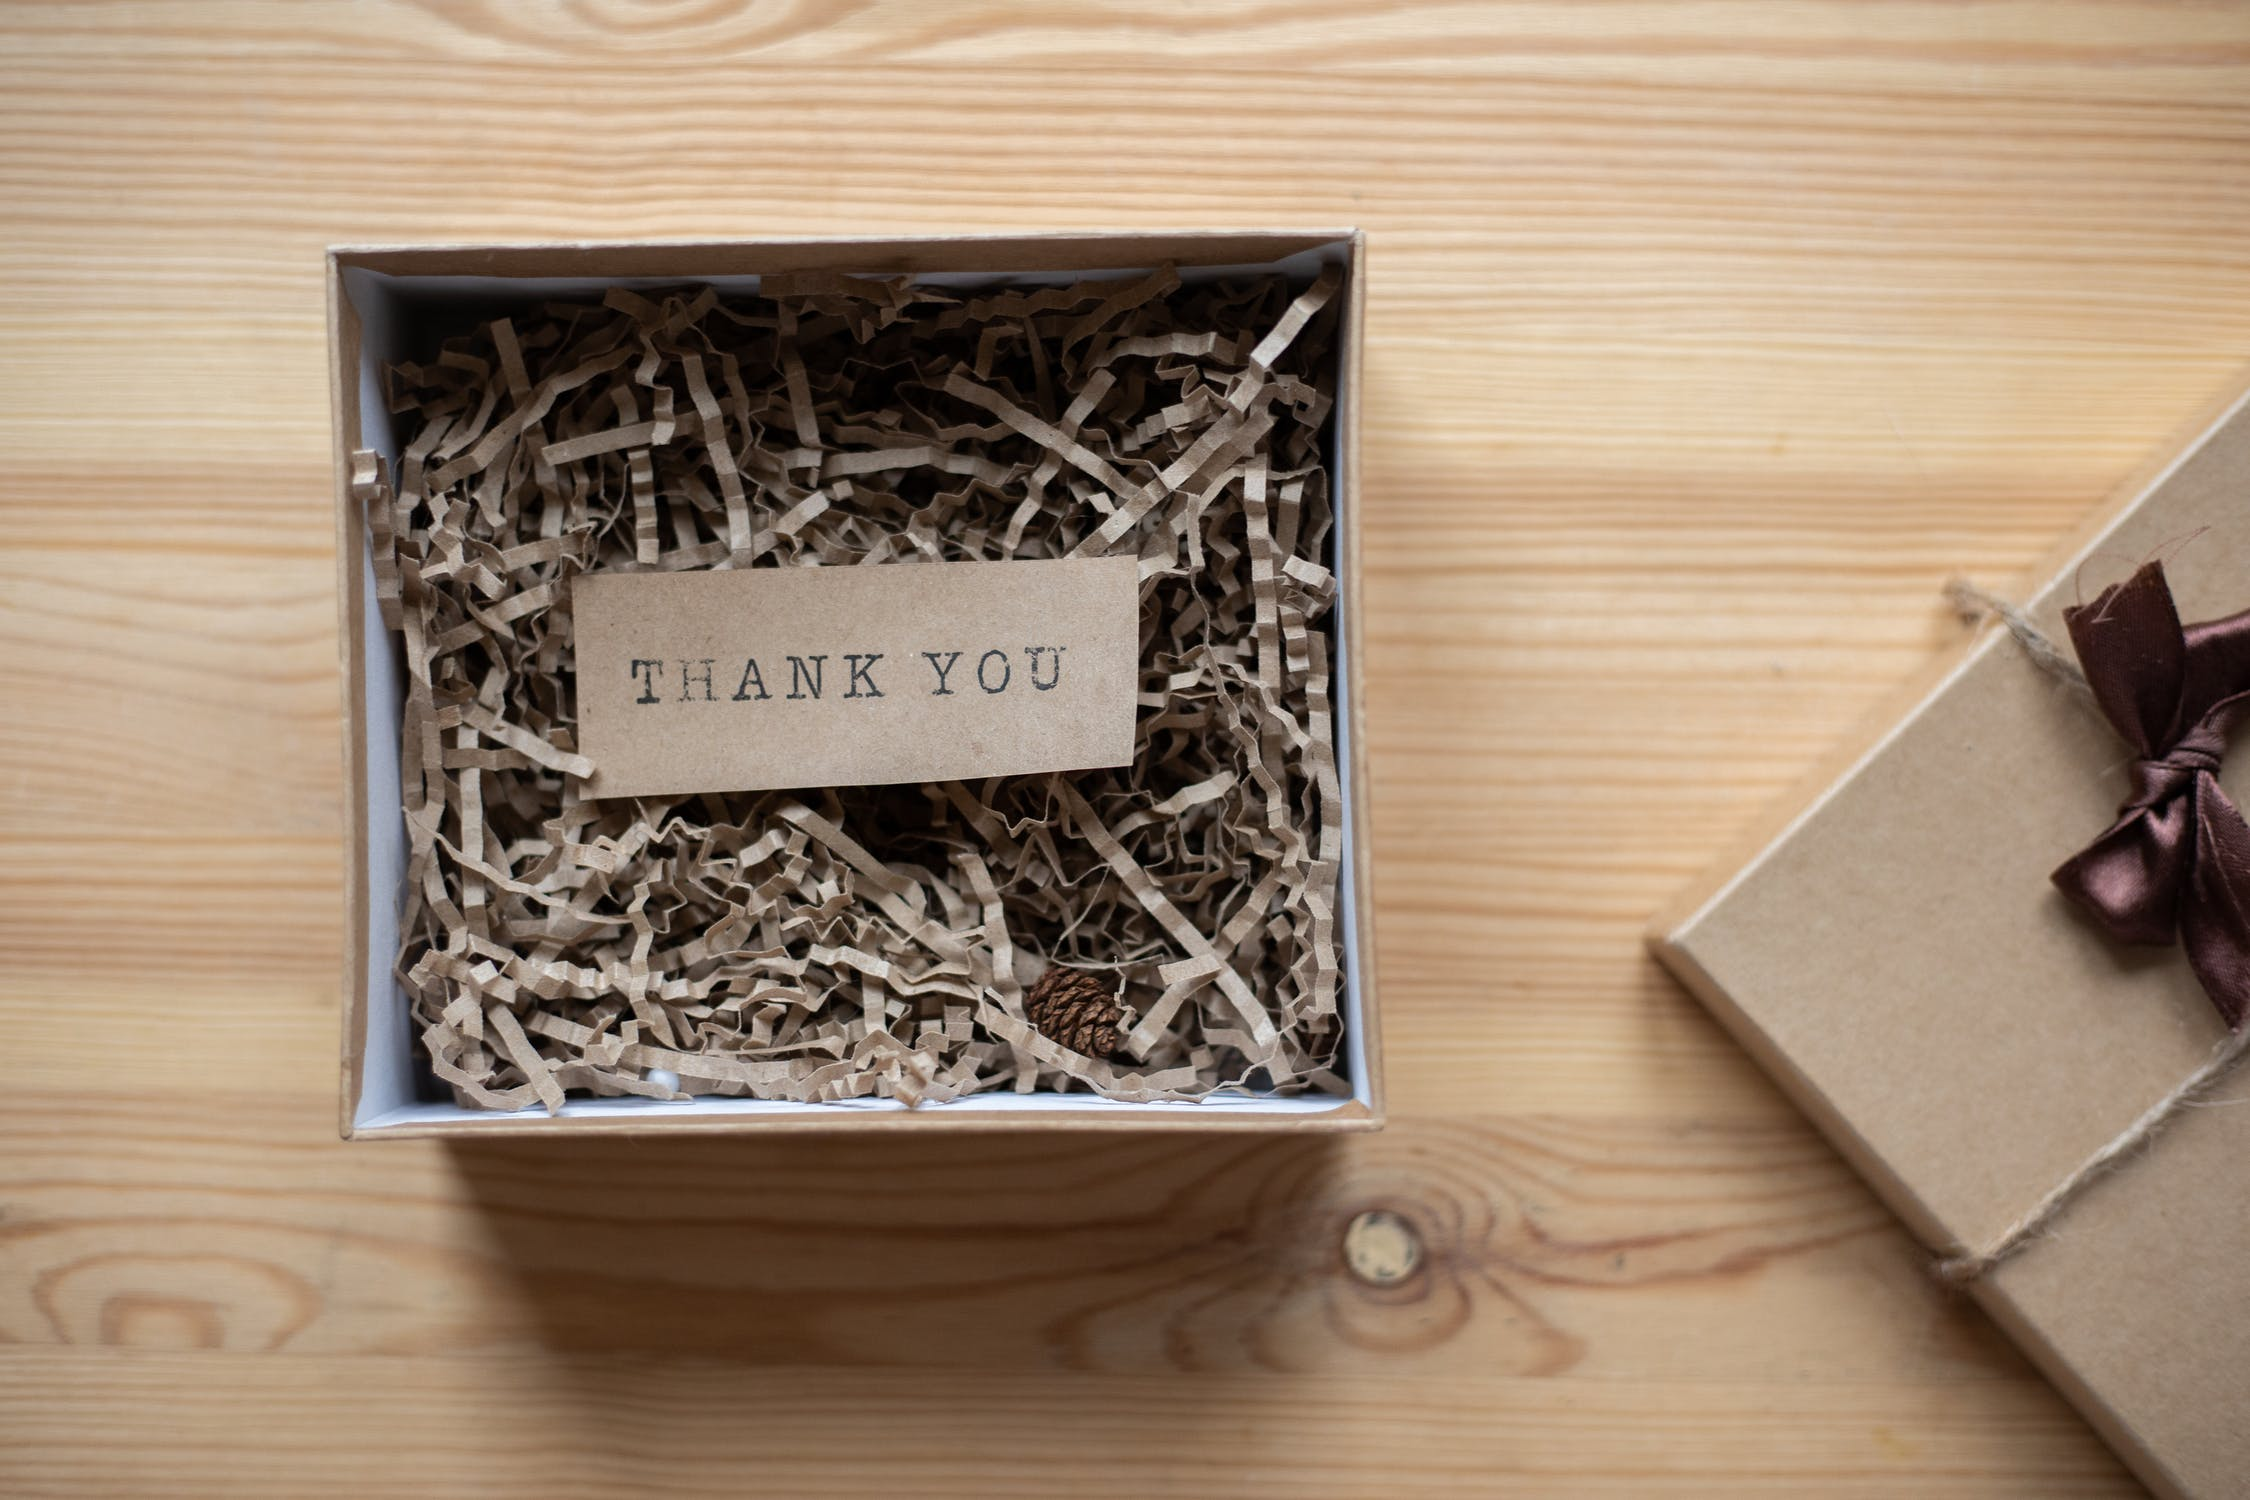 Estuche abierto con tarjeta de gracias dentro con relleno